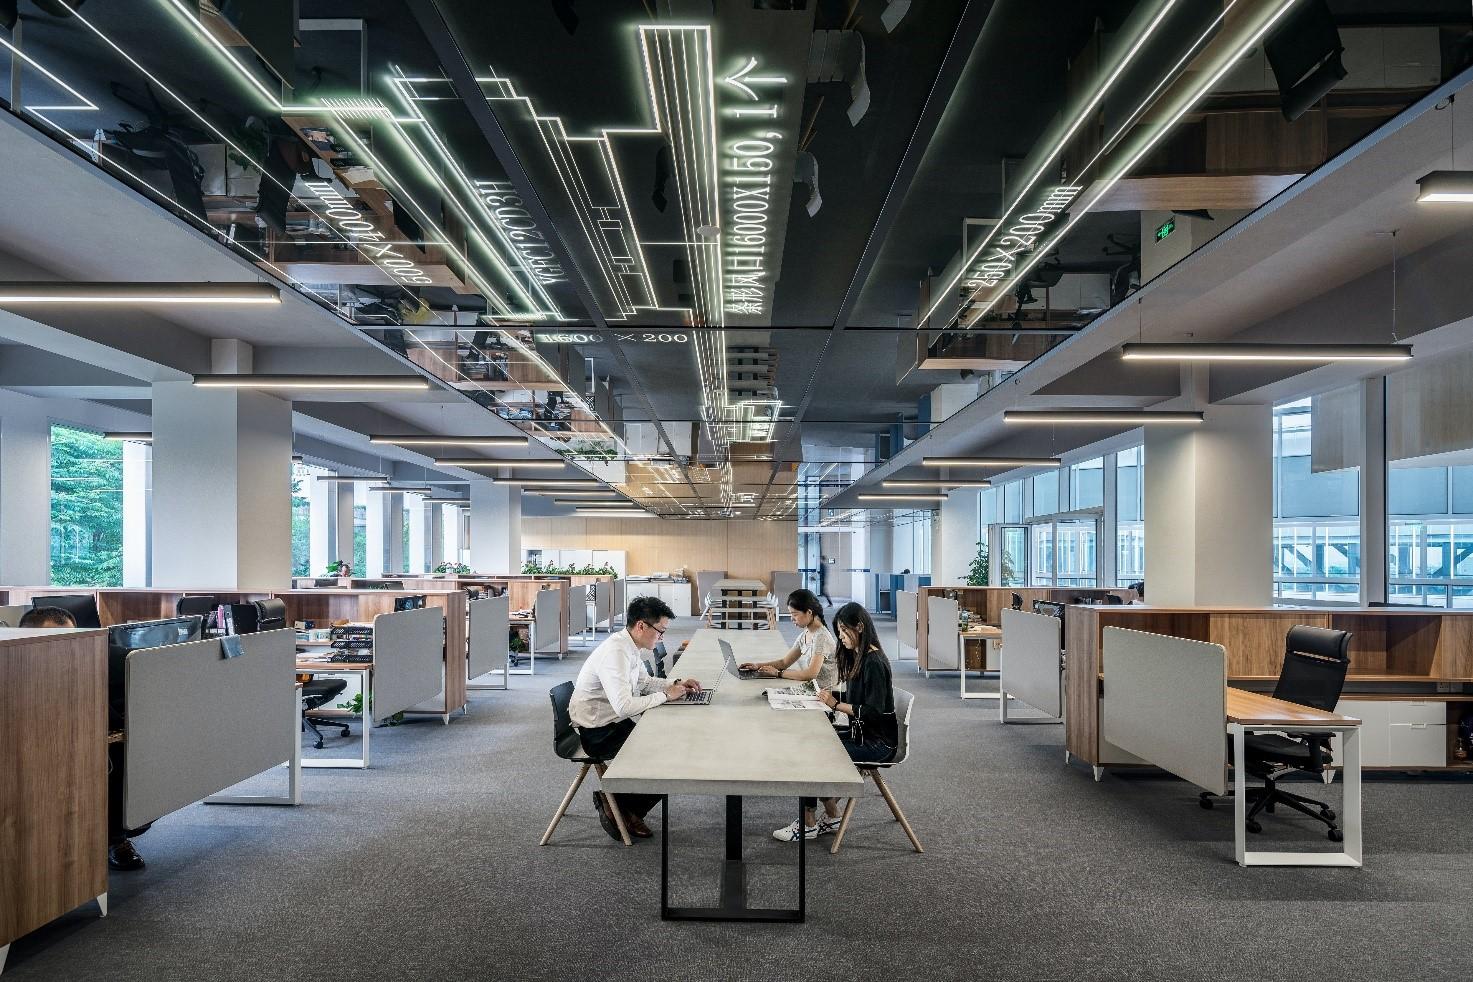 ufficio open space con grande scrivania centrale e tre persone che lavorano